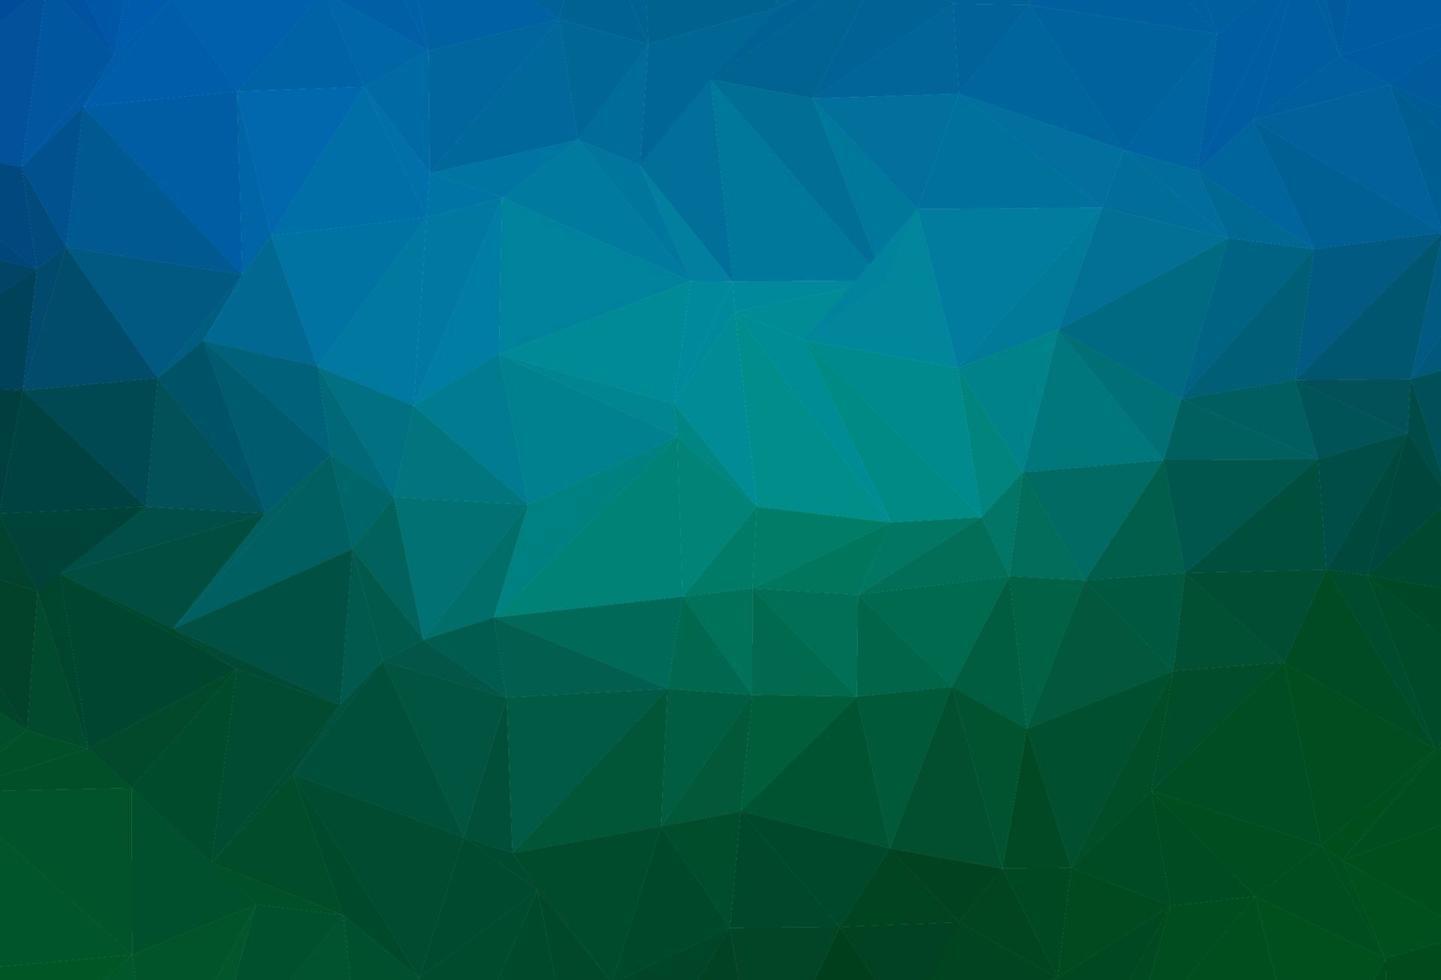 fundo poligonal do vetor azul, verde claro.